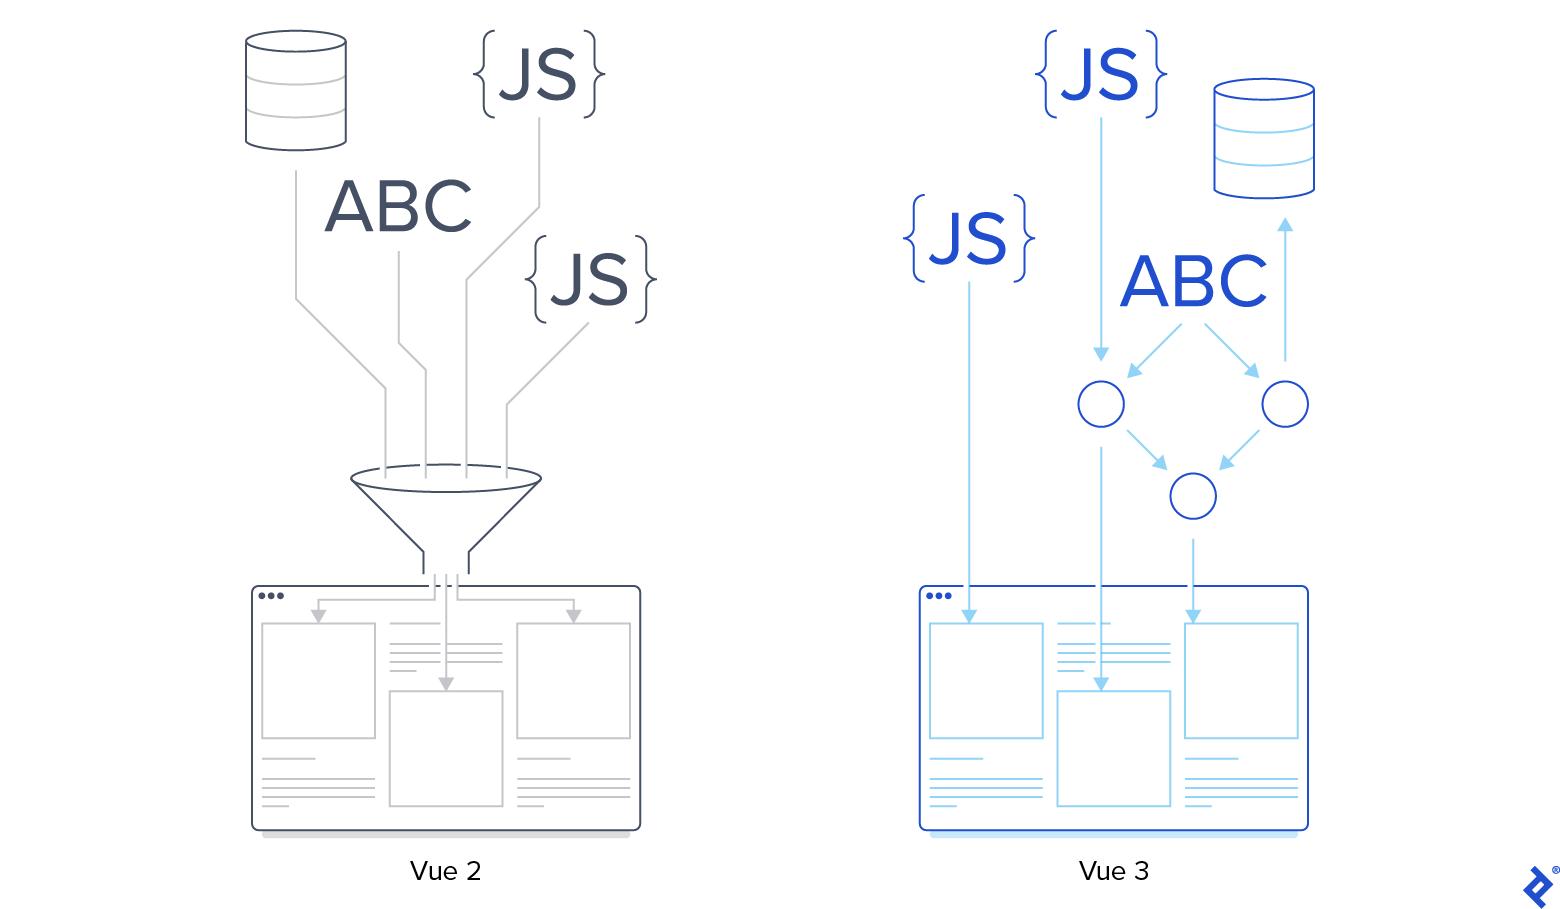 Vue 2 vs Vue 3 funnel comparison.